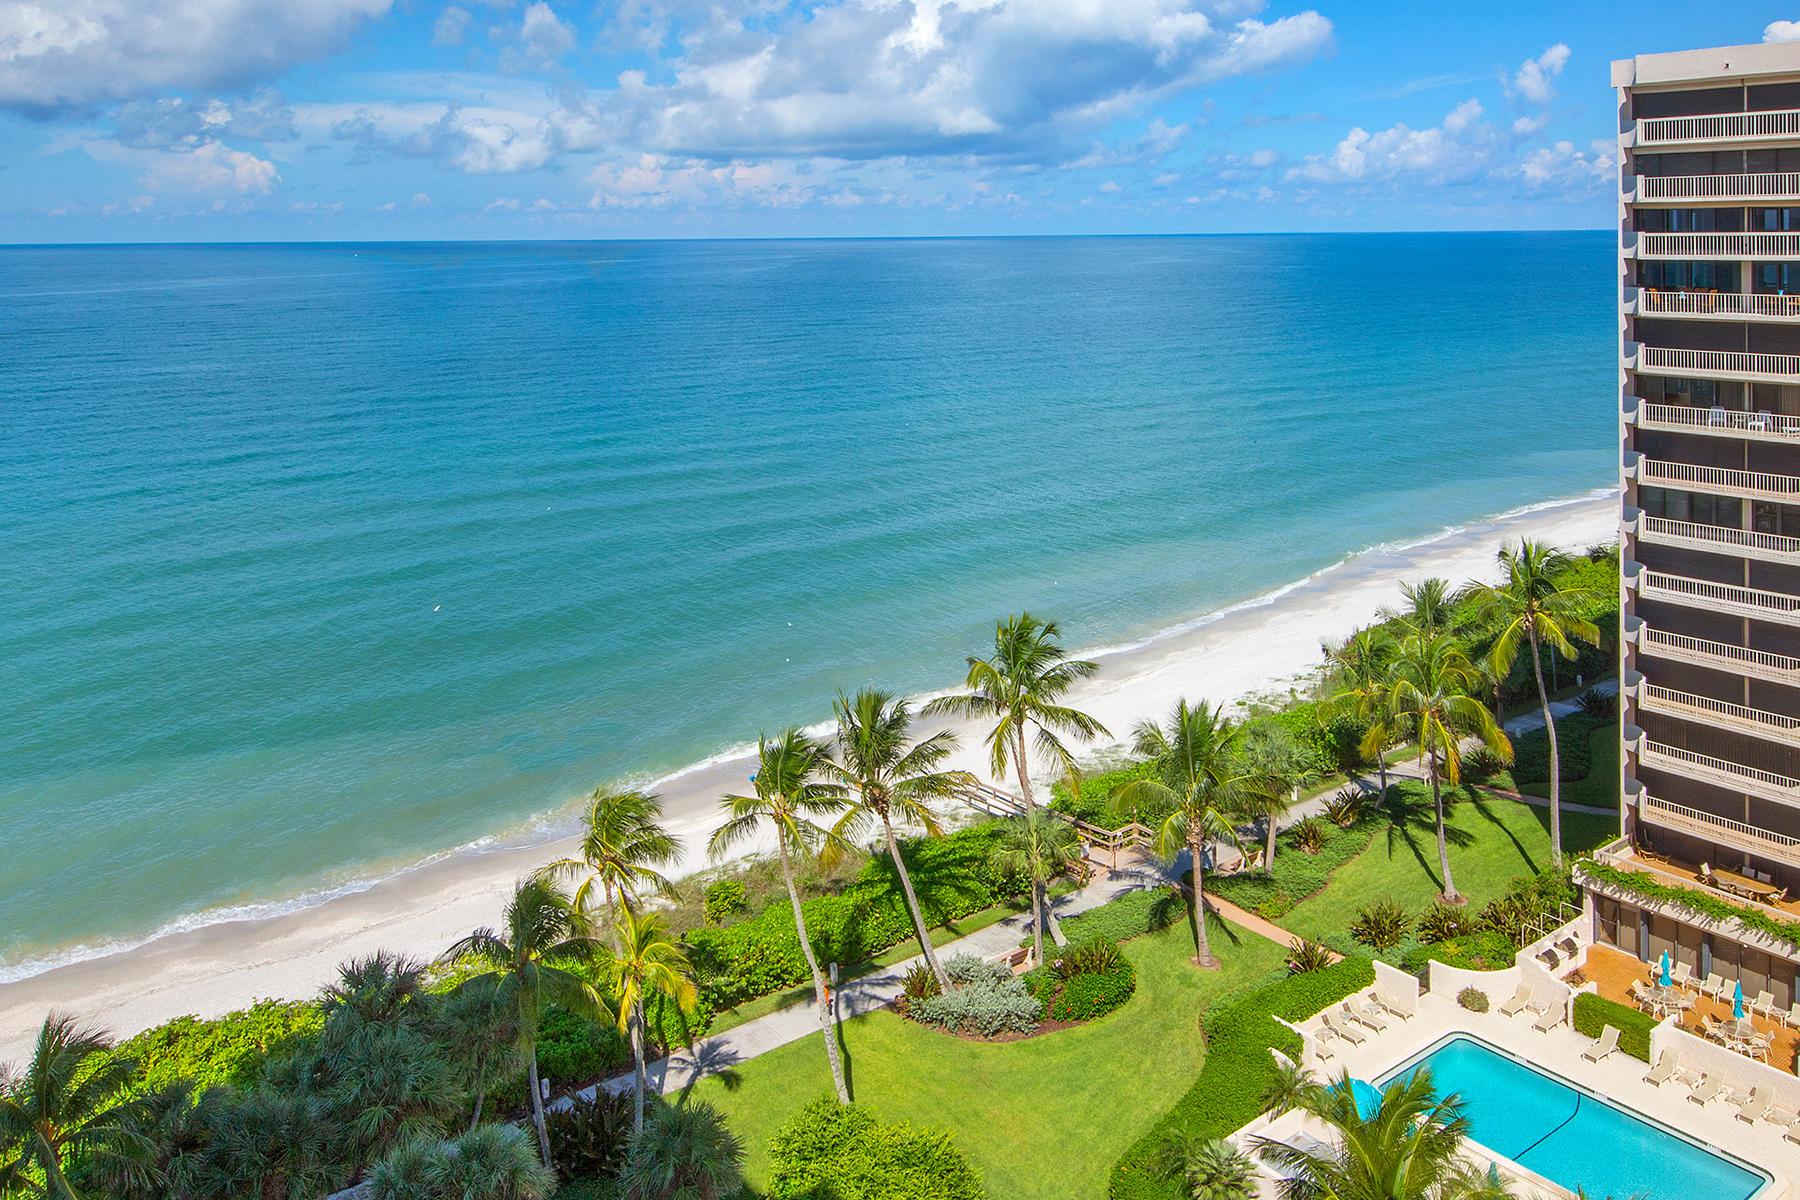 Condominium for Sale at PARK SHORE - SURFSEDGE 4001 Gulf Shore Blvd N 1202 Naples, Florida, 34103 United States